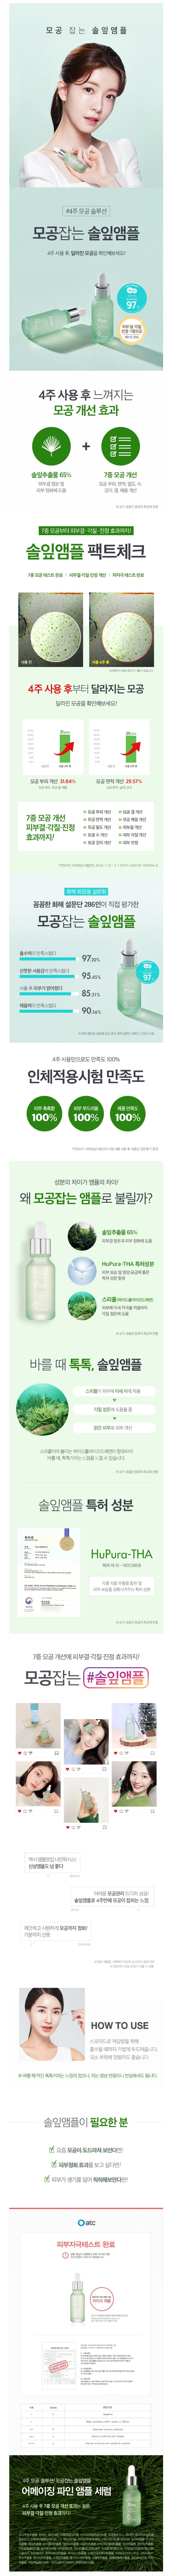 9wish - Amazing Pine Ampule Serum - 25ml